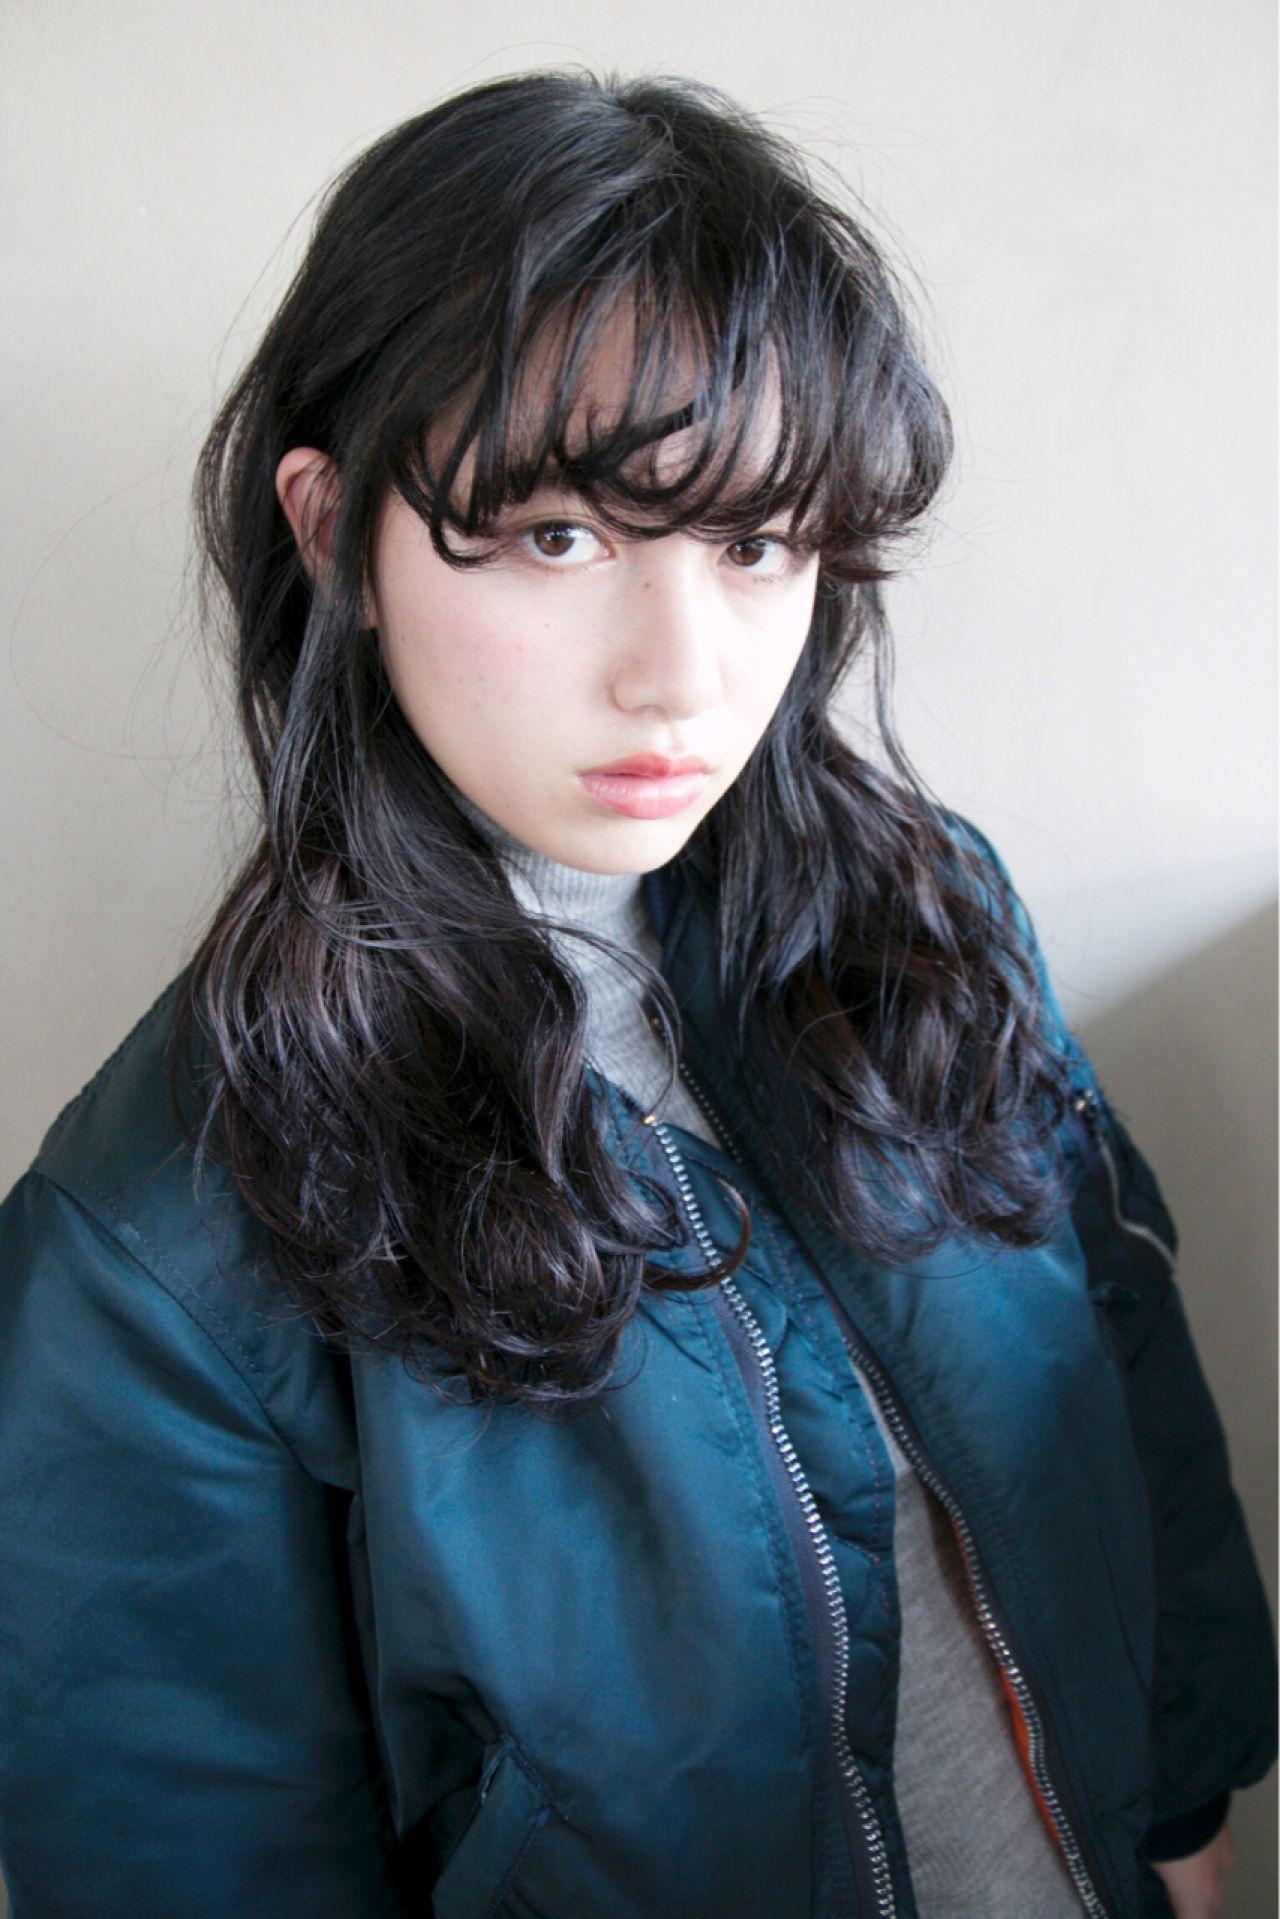 【ヘアカタログ】黒髪を活かしたヘアスタイル8選  津崎 伸二 / nanuk